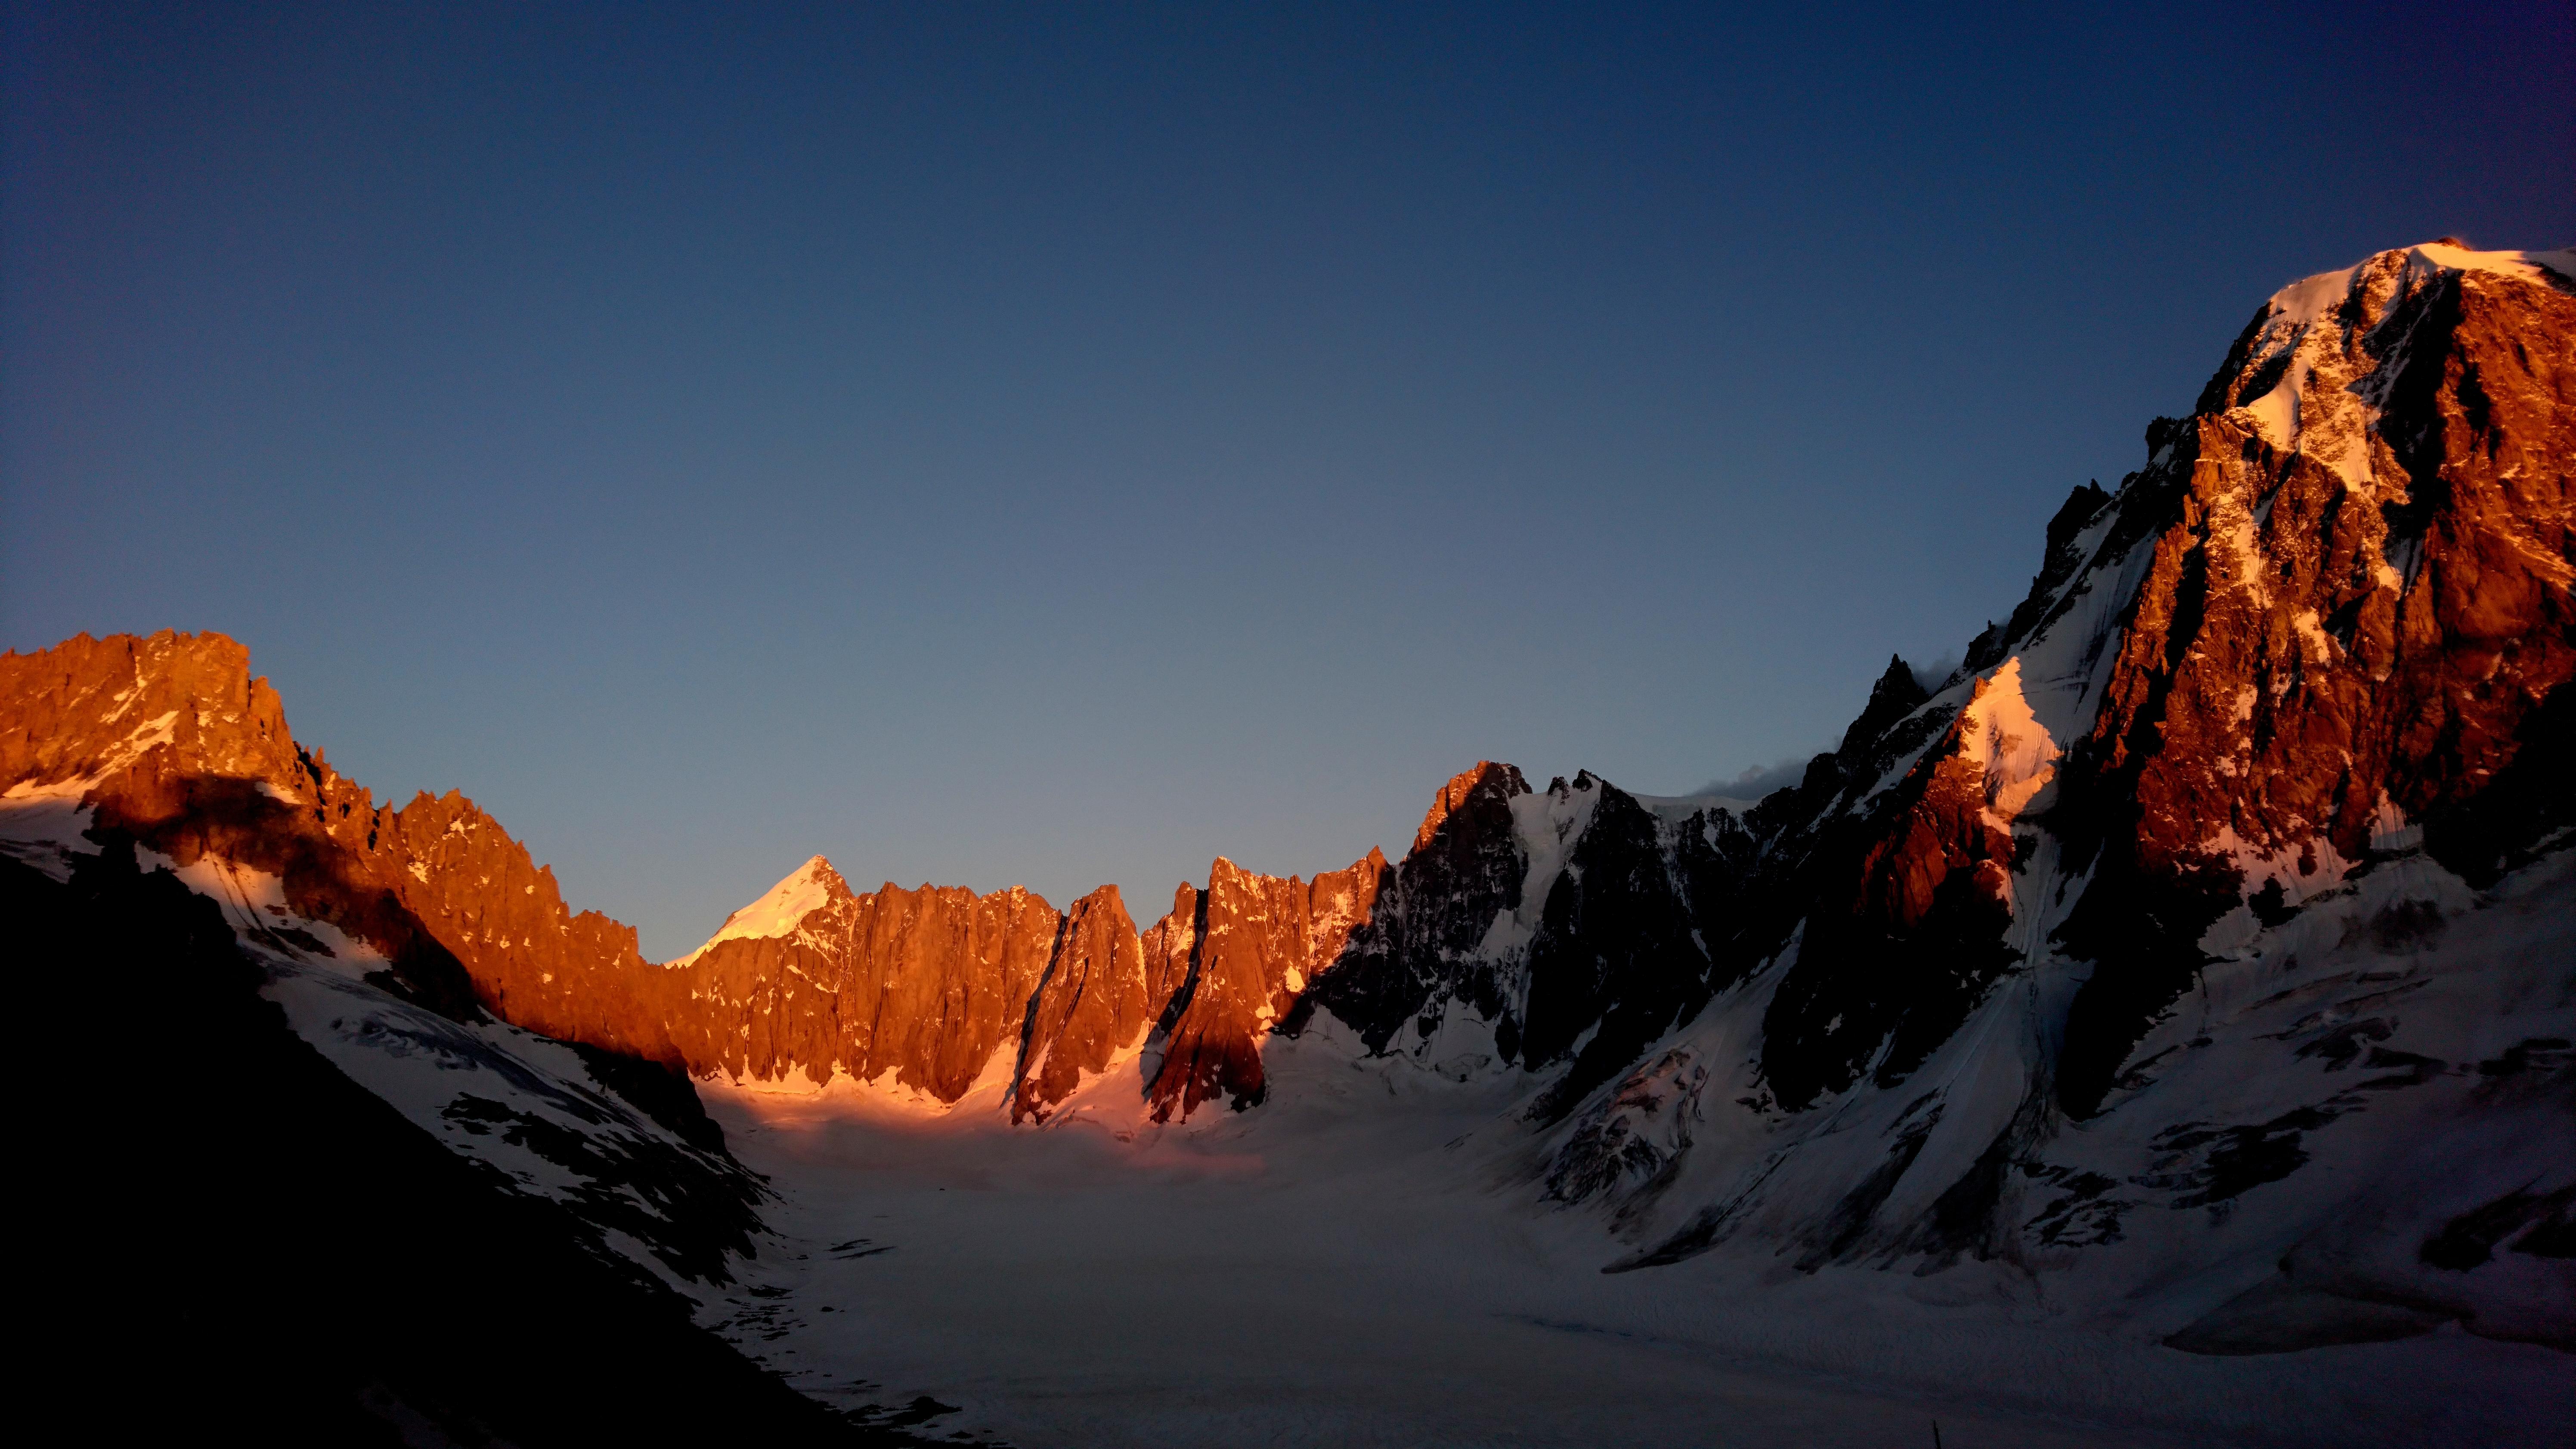 Montagne Massif du Mont-Blanc Montagne Massif du Mont-Blanc Montagne Massif du Mont-Blanc Montagne M